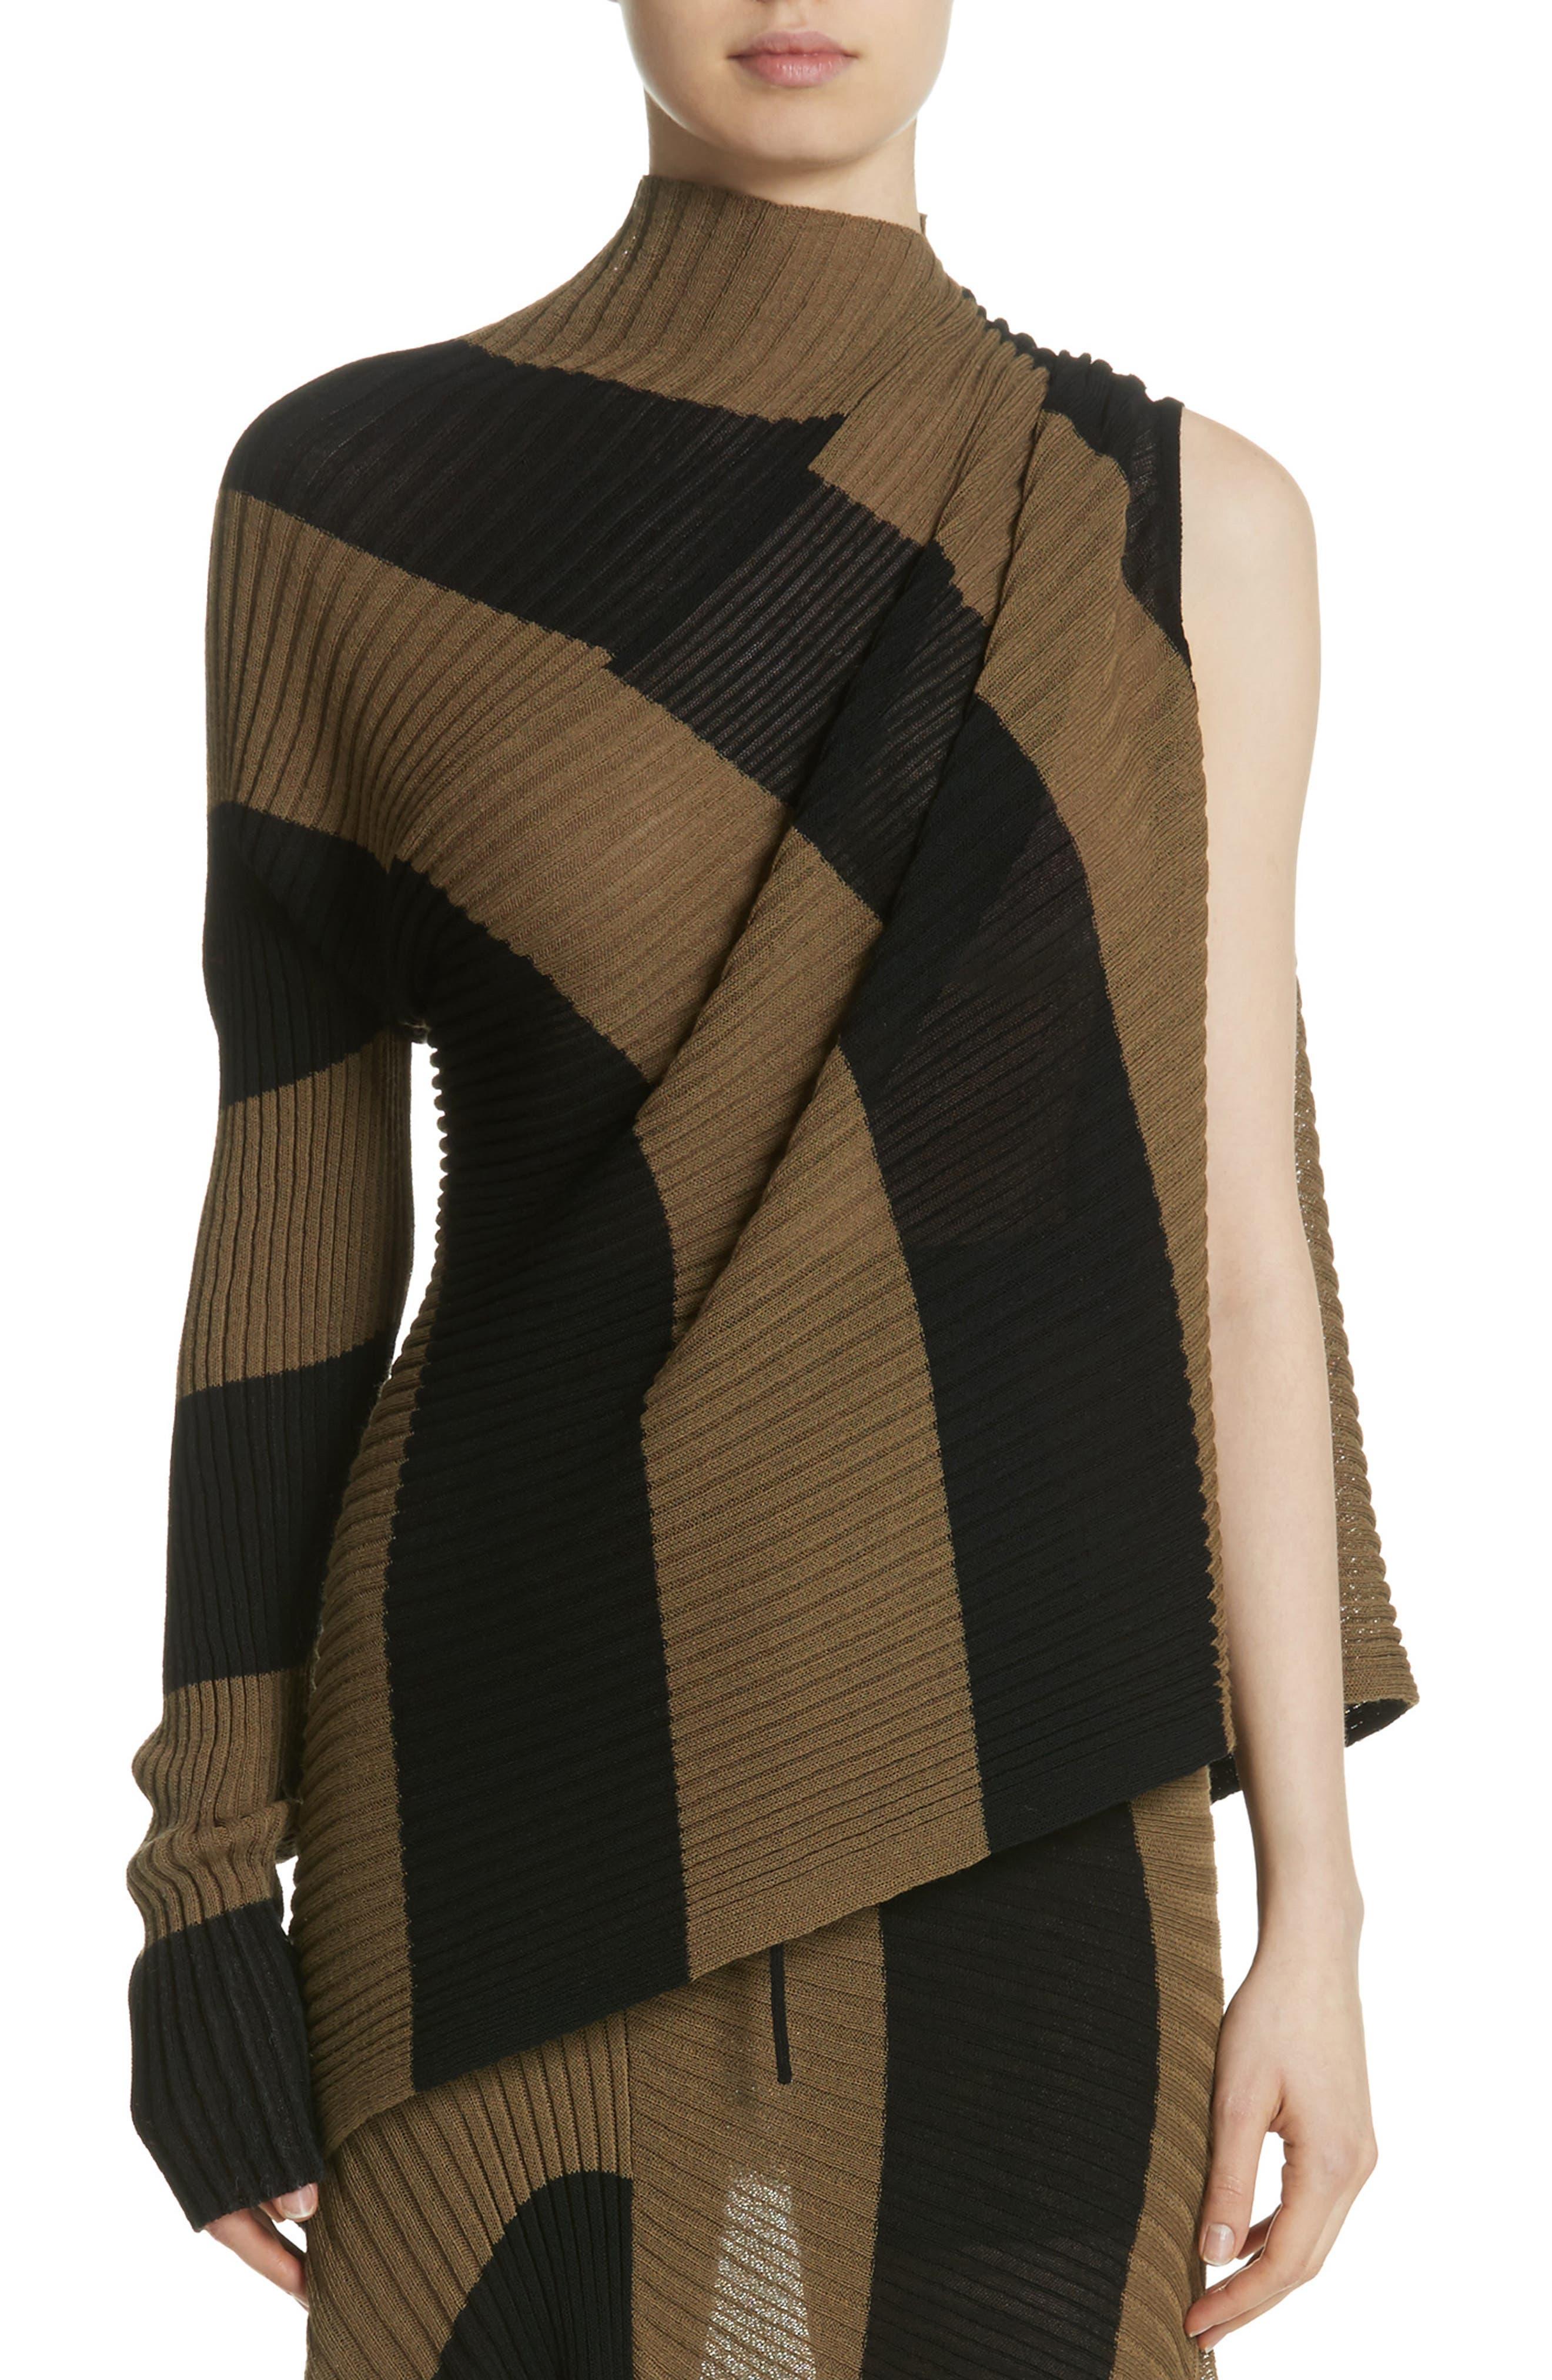 Marques'Almeida Draped One Sleeve Sweater,                         Main,                         color, Khaki/ Black